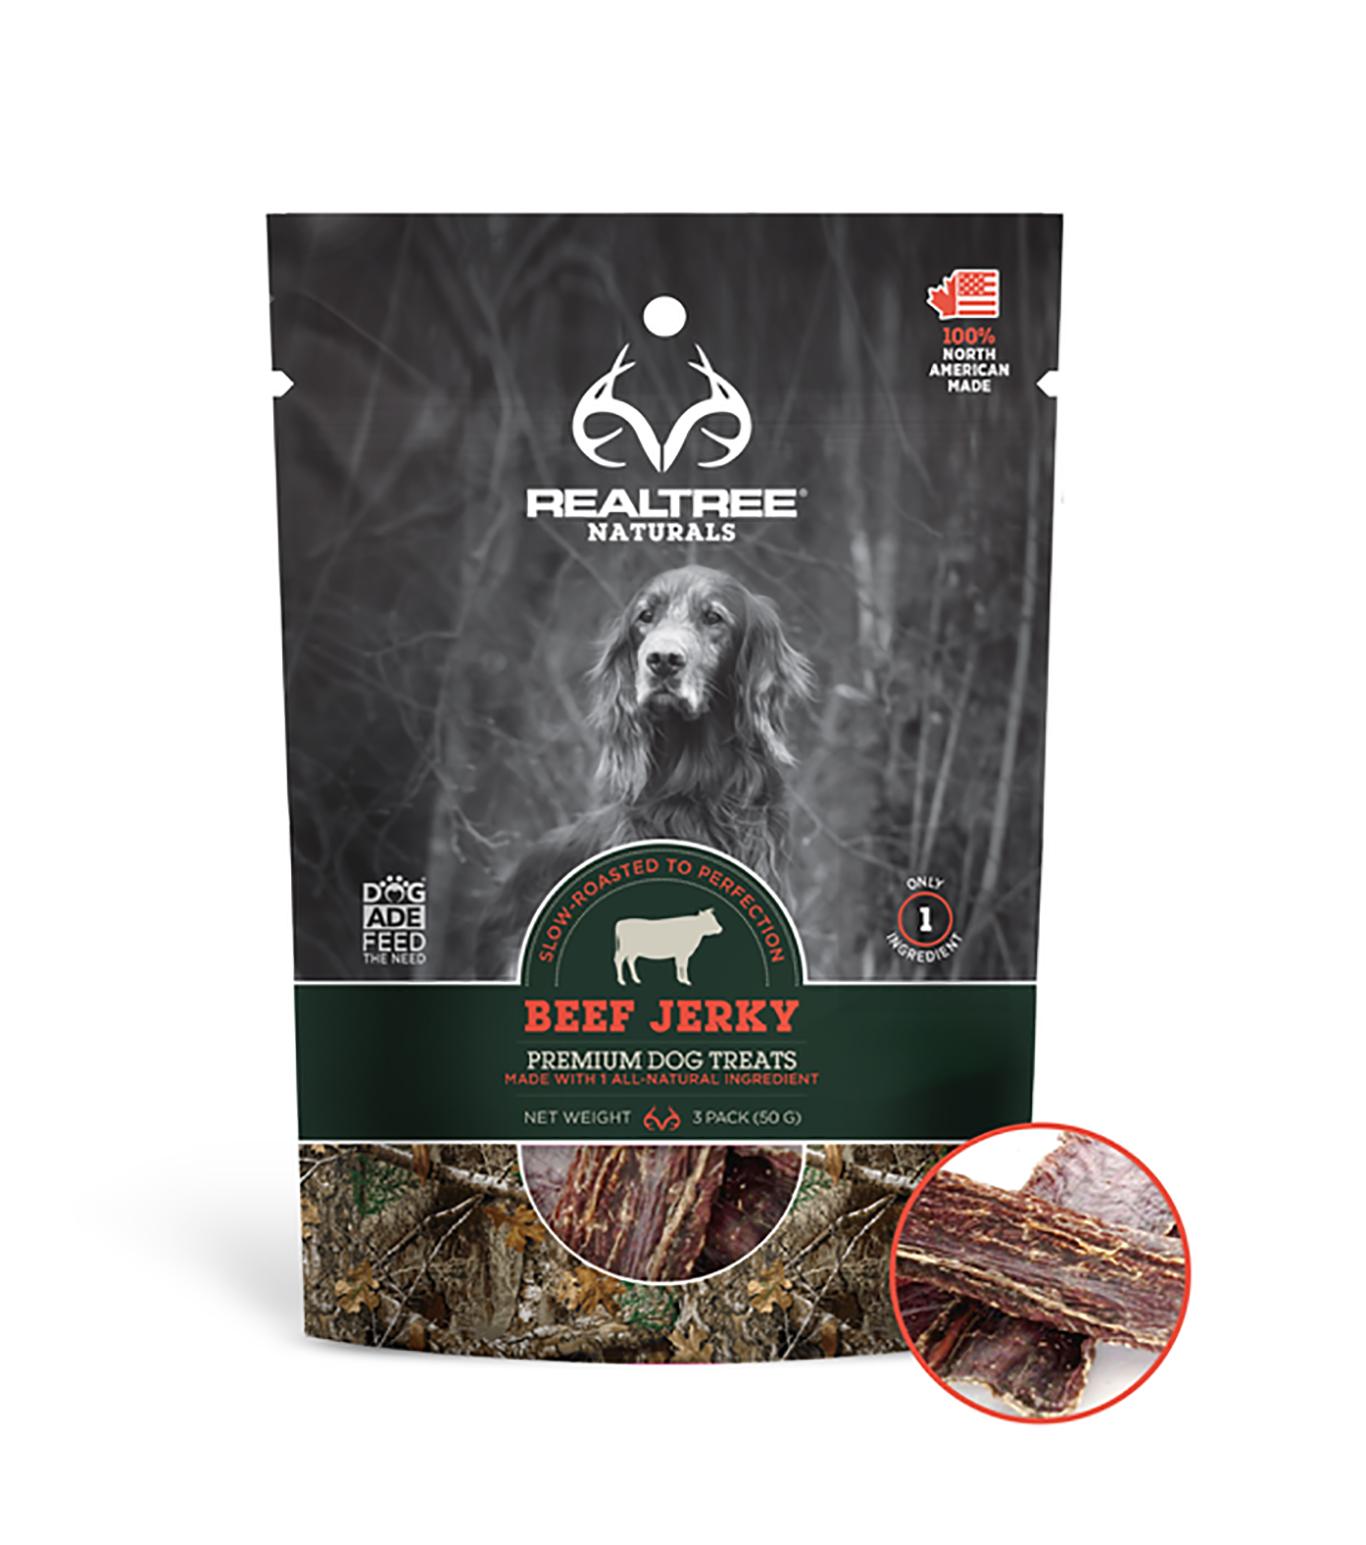 Realtree Naturals